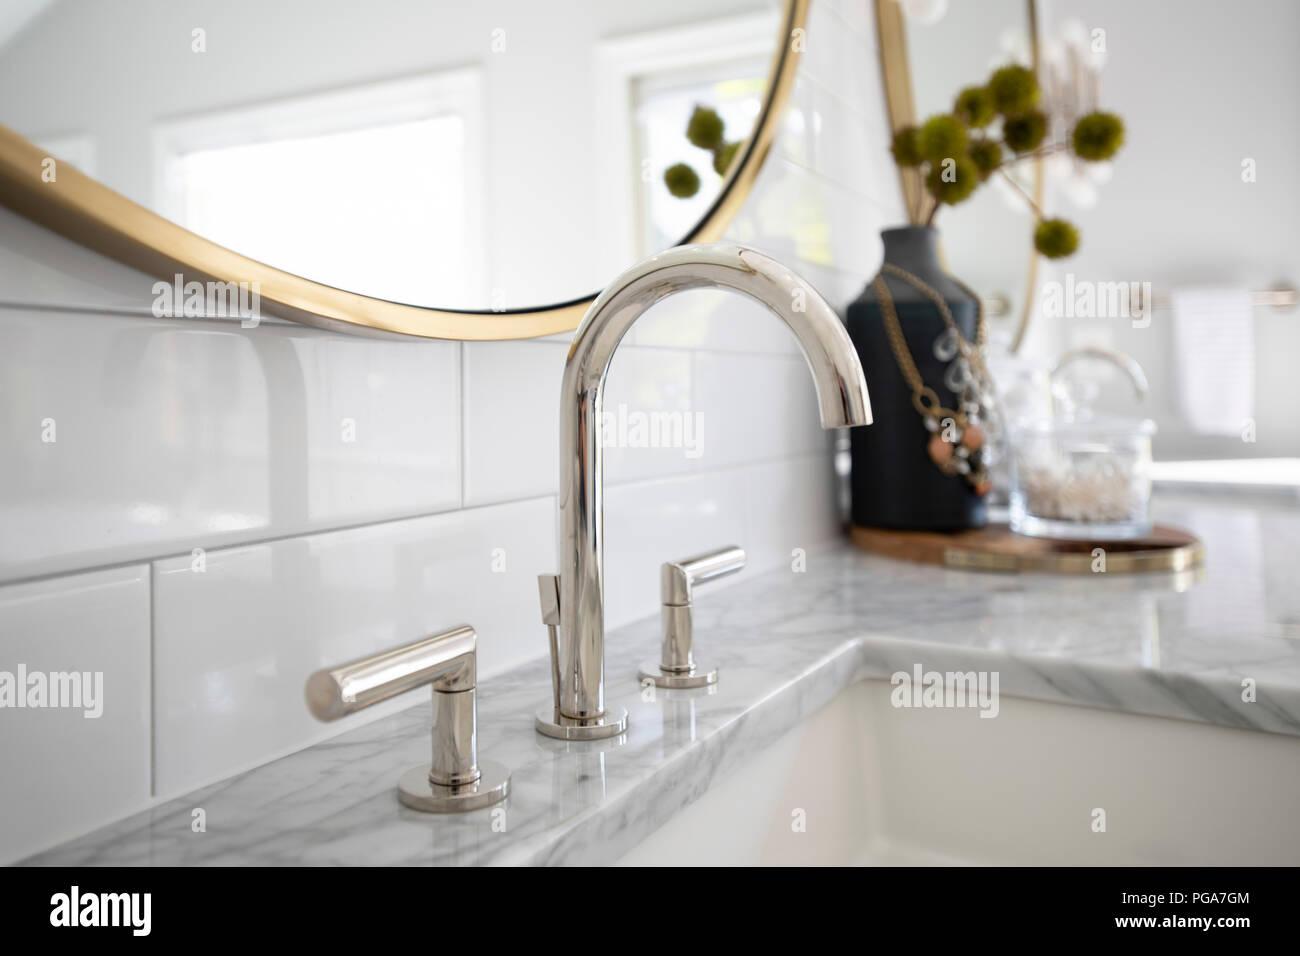 Waschbecken Im Badezimmer In Weissem Marmor Mit Weissen Fliesen Und